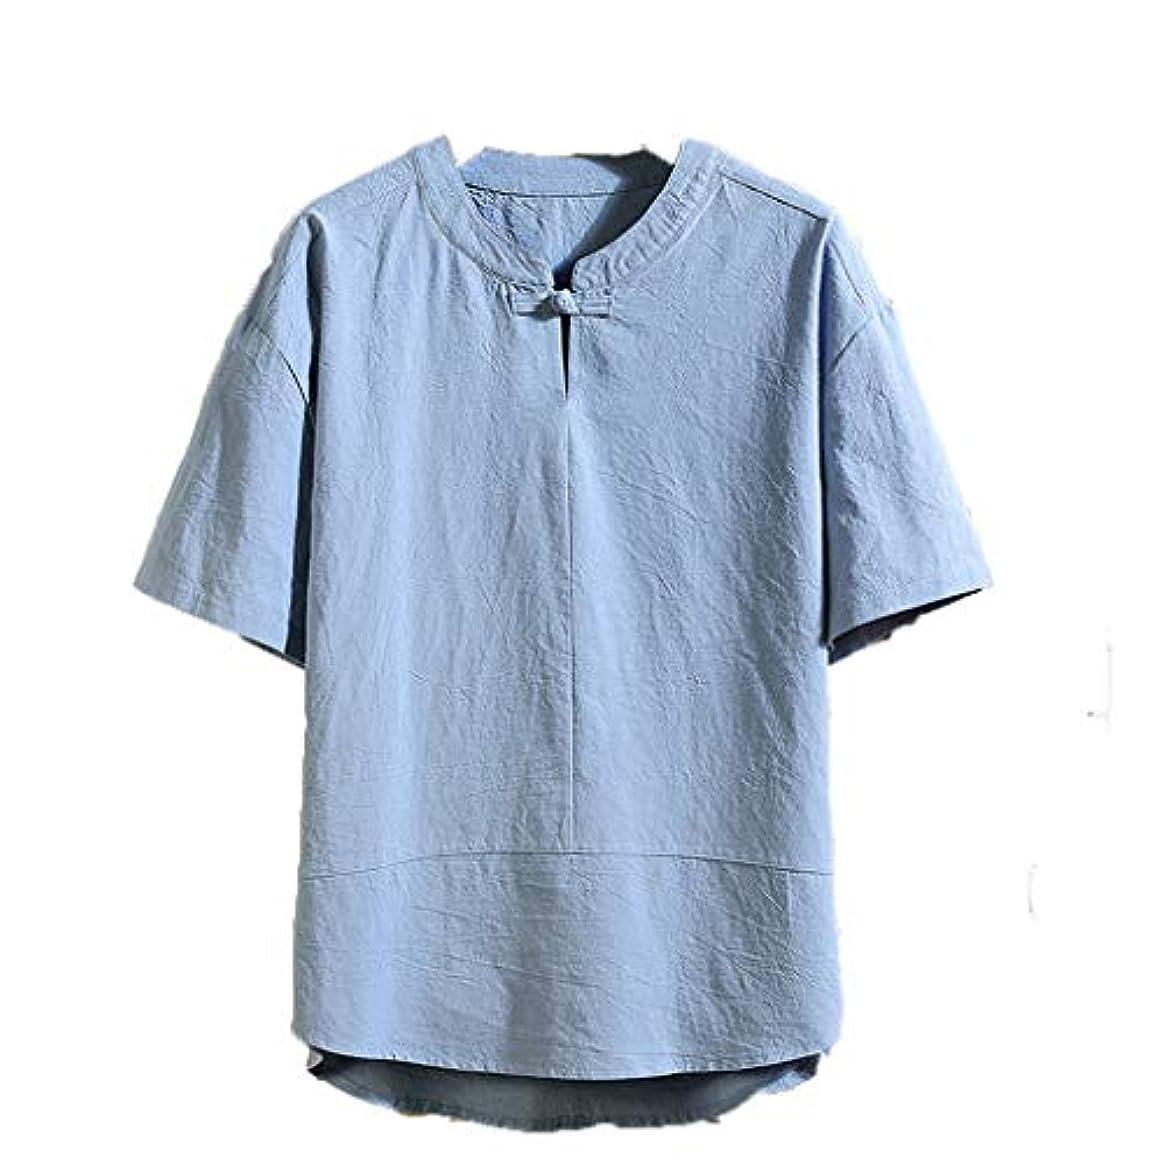 珍味たくさん説得発信スタイルの楽しみ半袖tシャツメンズメンズ夏の新しい亜麻5袖緩い半袖ファッション快適なブラウス